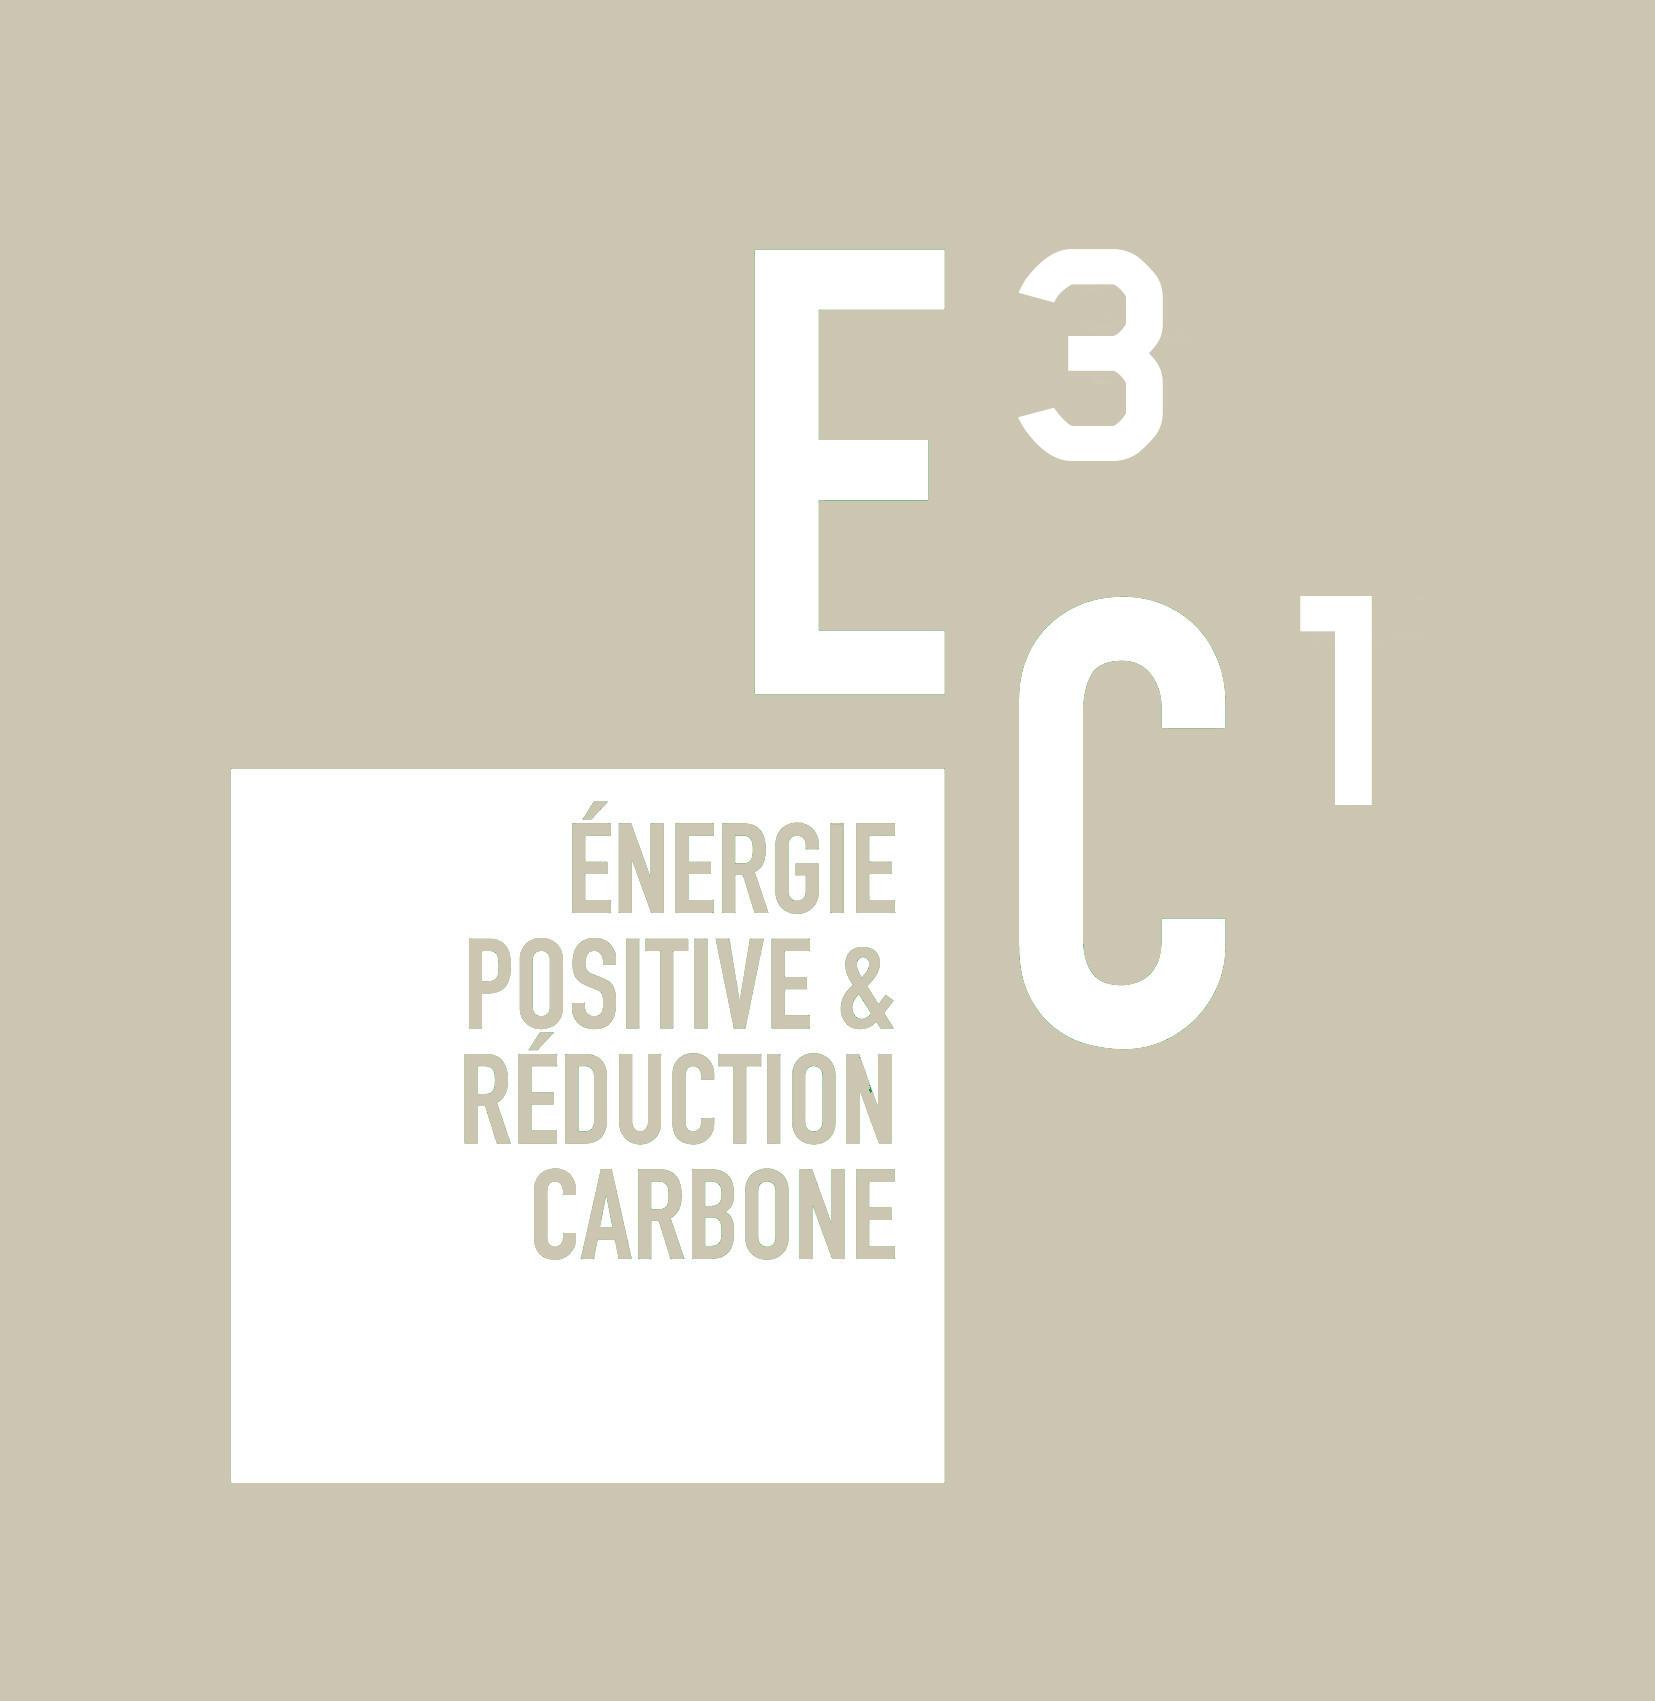 Nos engagements environnementaux, label E3C1